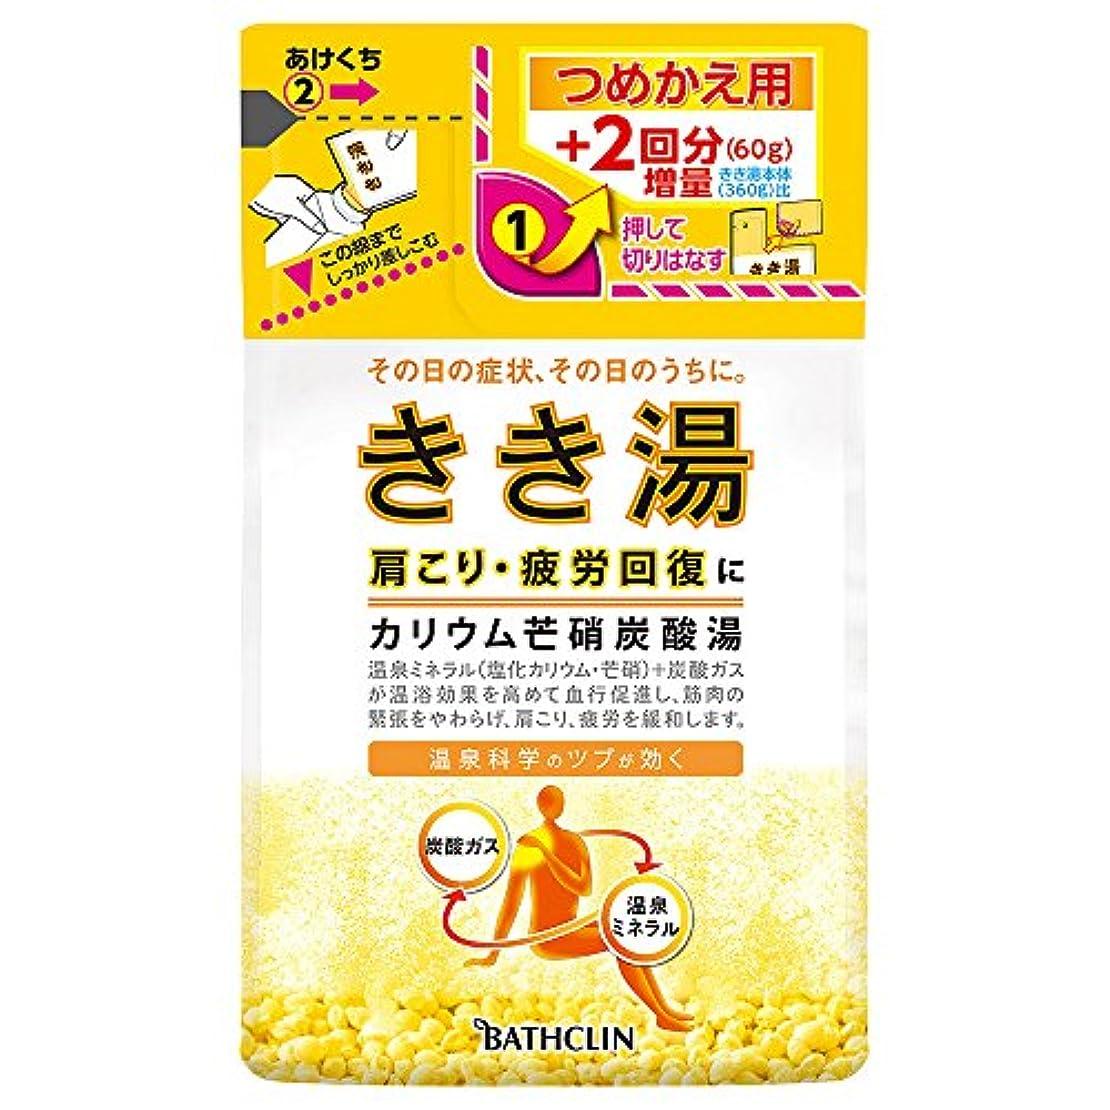 コントラストテスピアン圧力きき湯 カリウム芒硝炭酸湯 つめかえ用 420g 入浴剤 (医薬部外品)